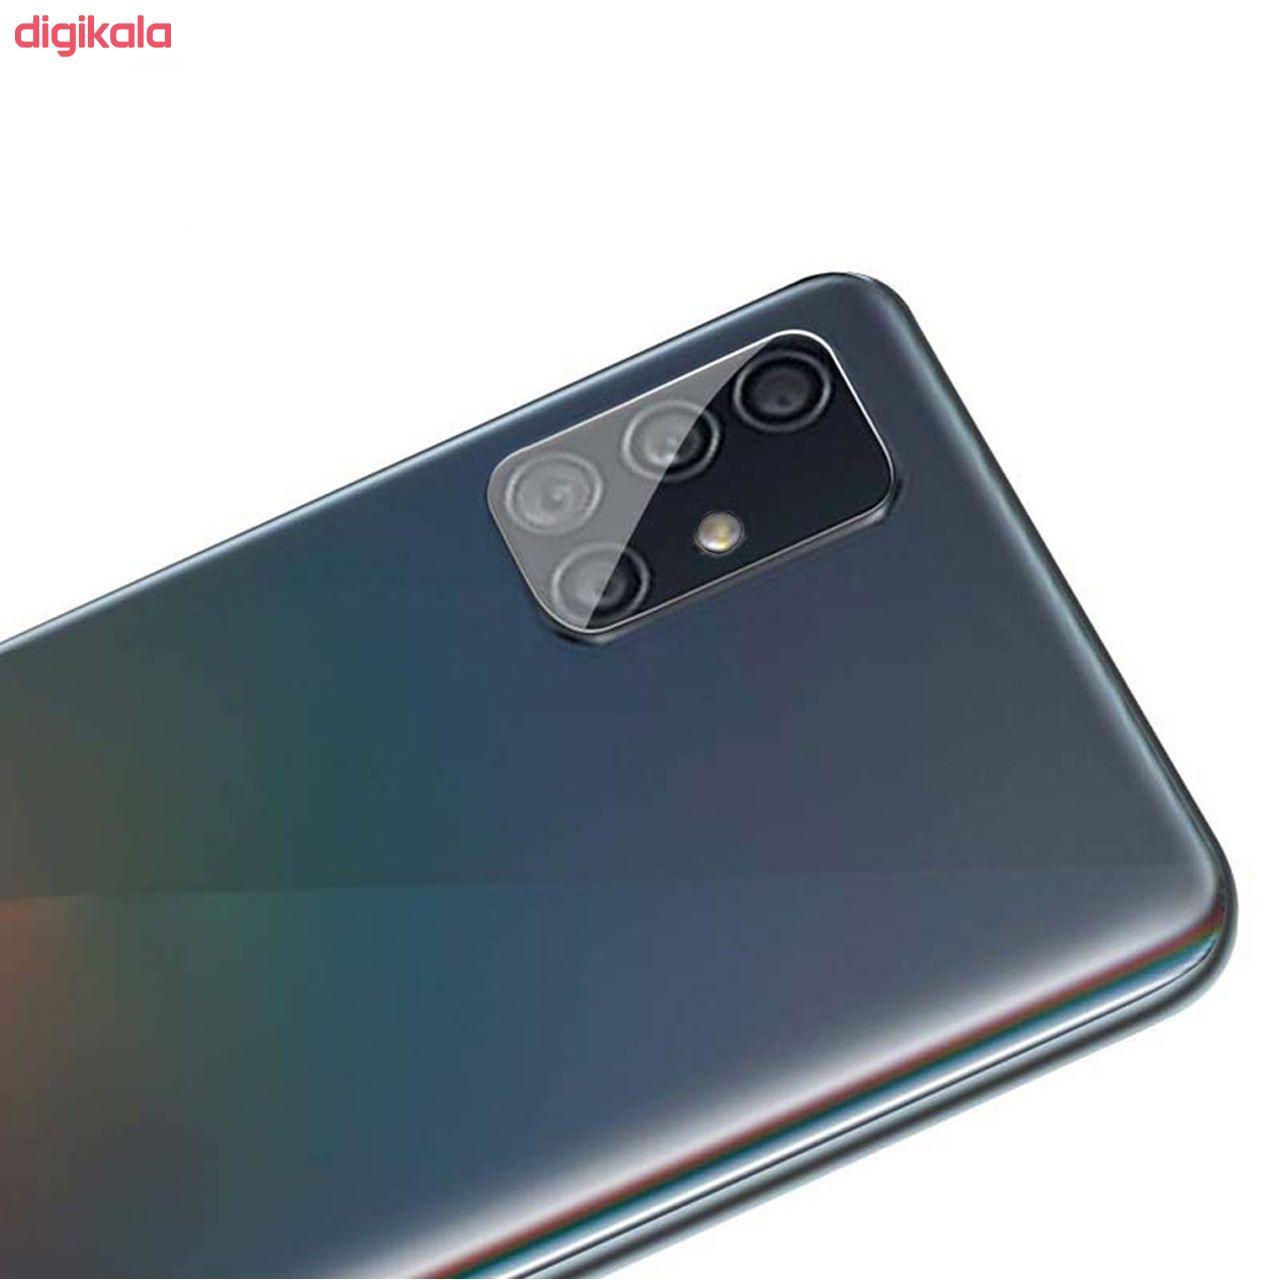 محافظ لنز دوربین مدل 5145 مناسب برای گوشی موبایل سامسونگ Galaxy A51 main 1 1